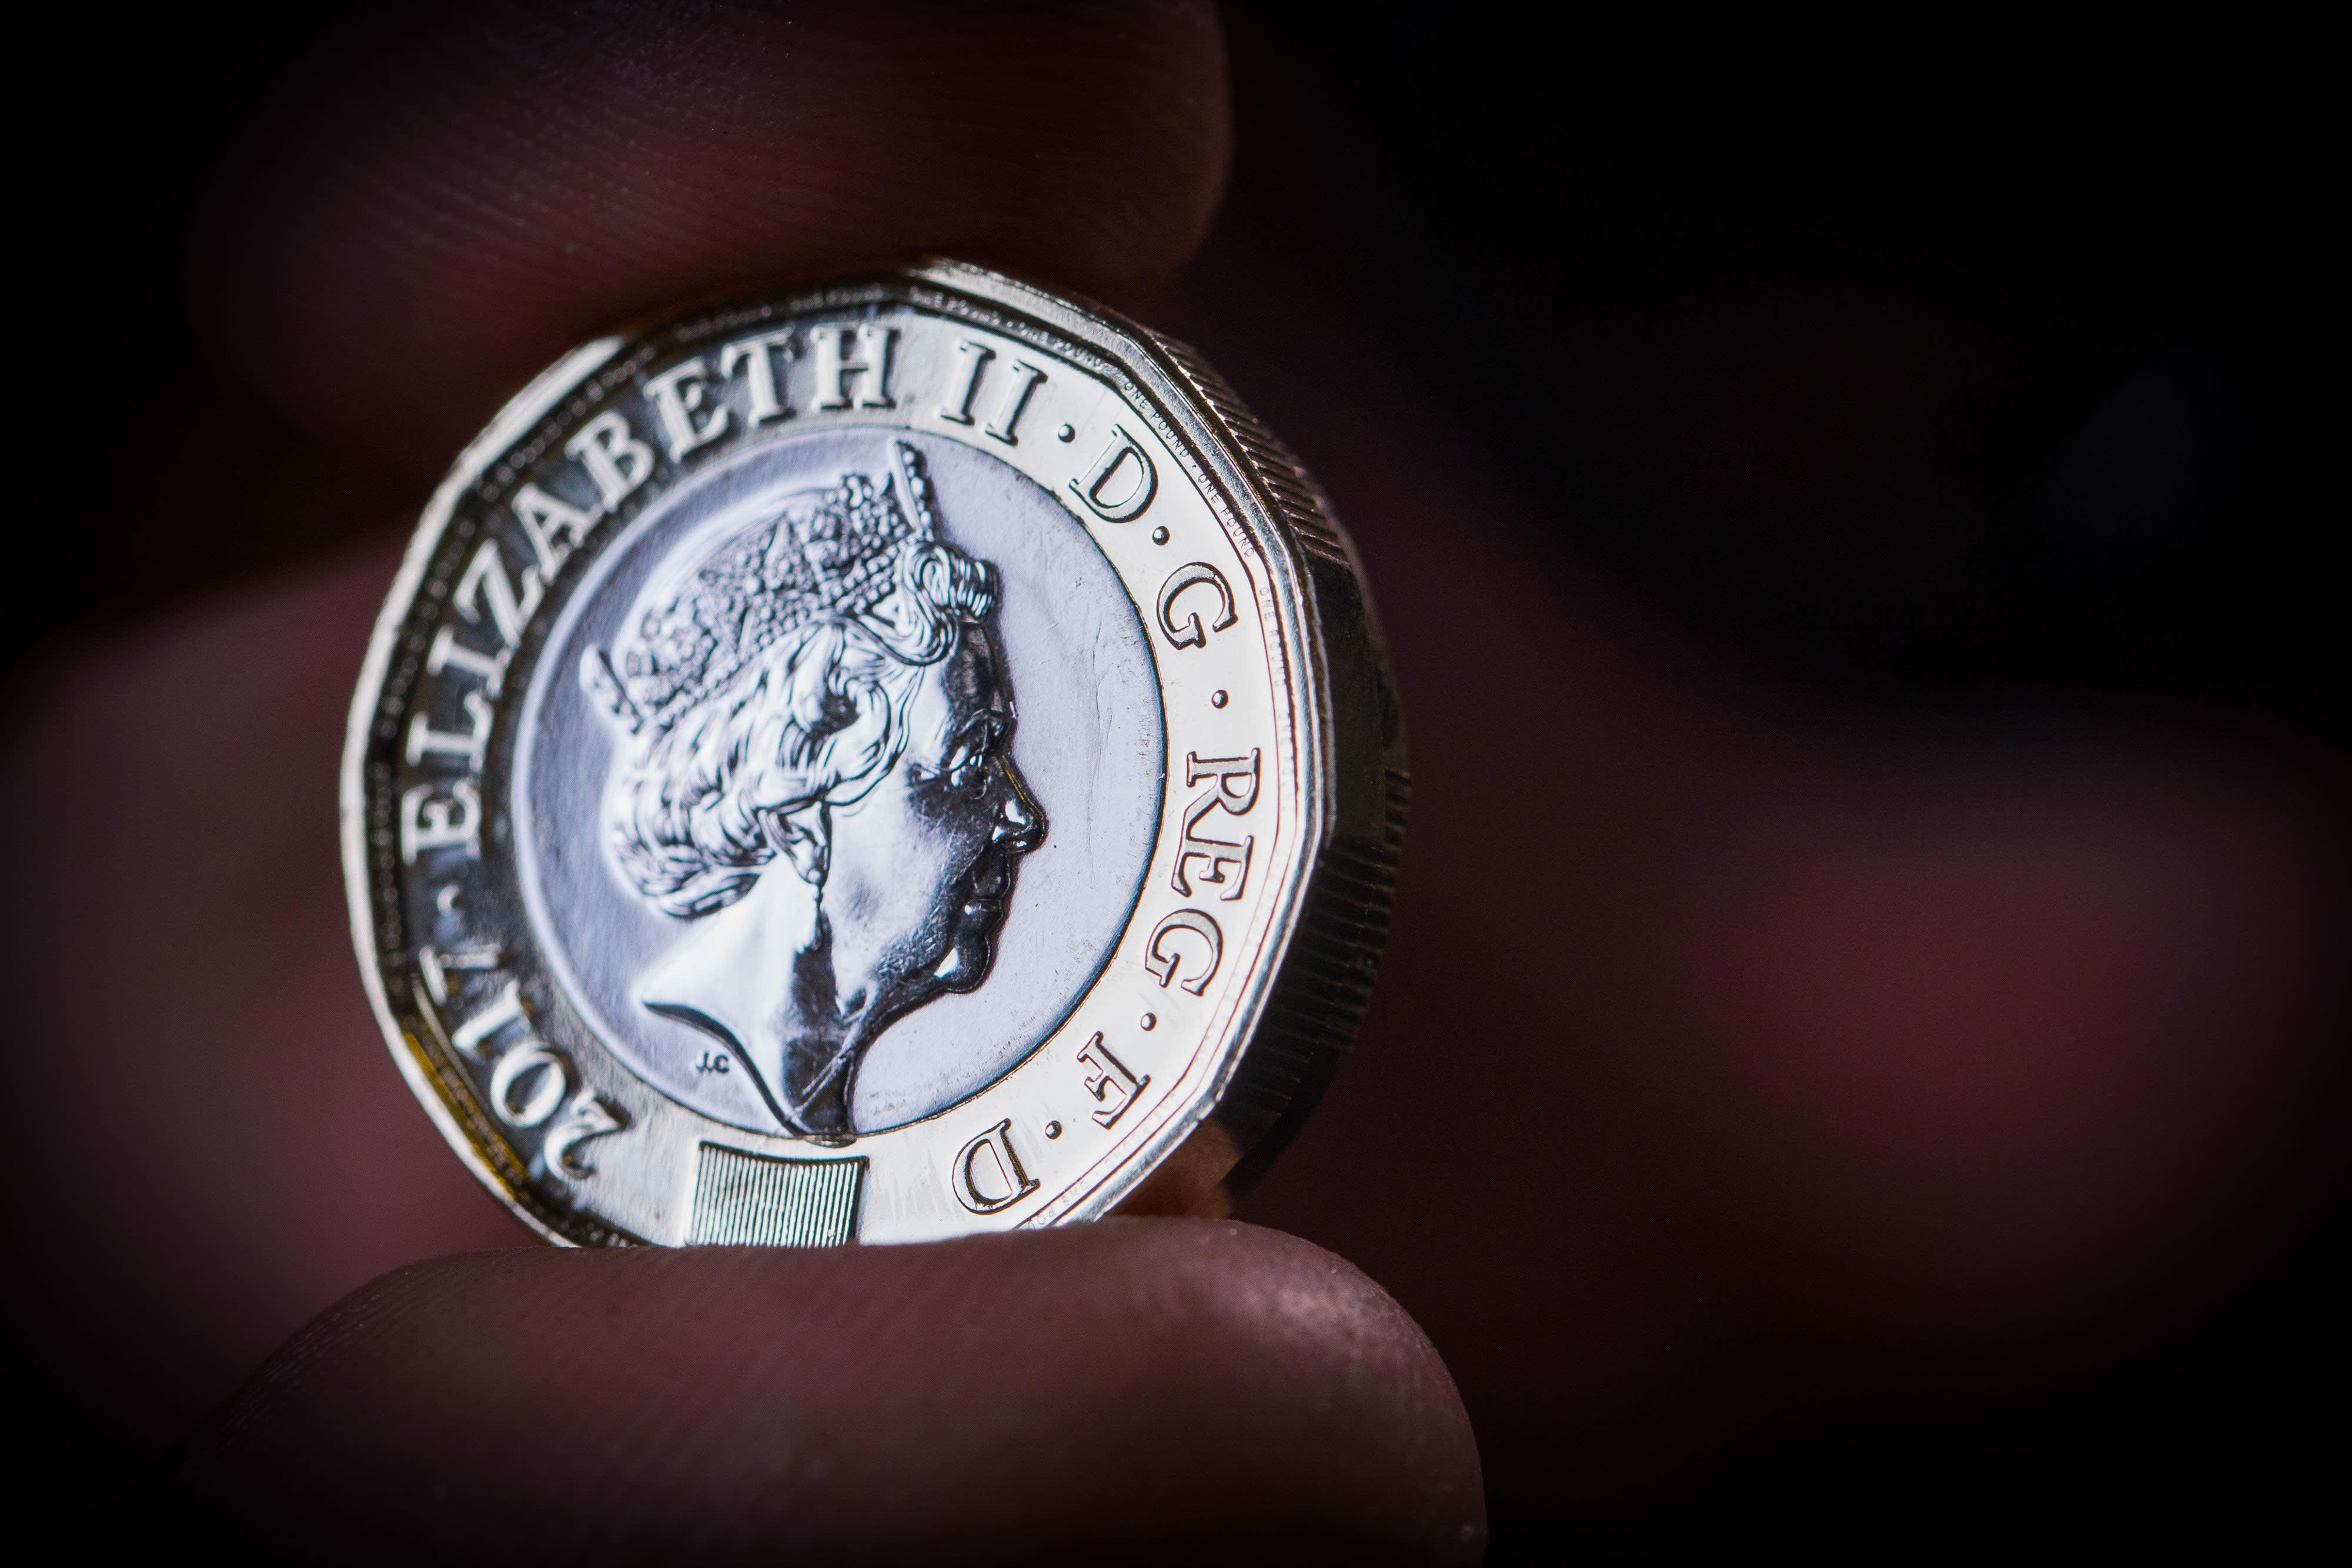 7IM cuts fees on ESG fund